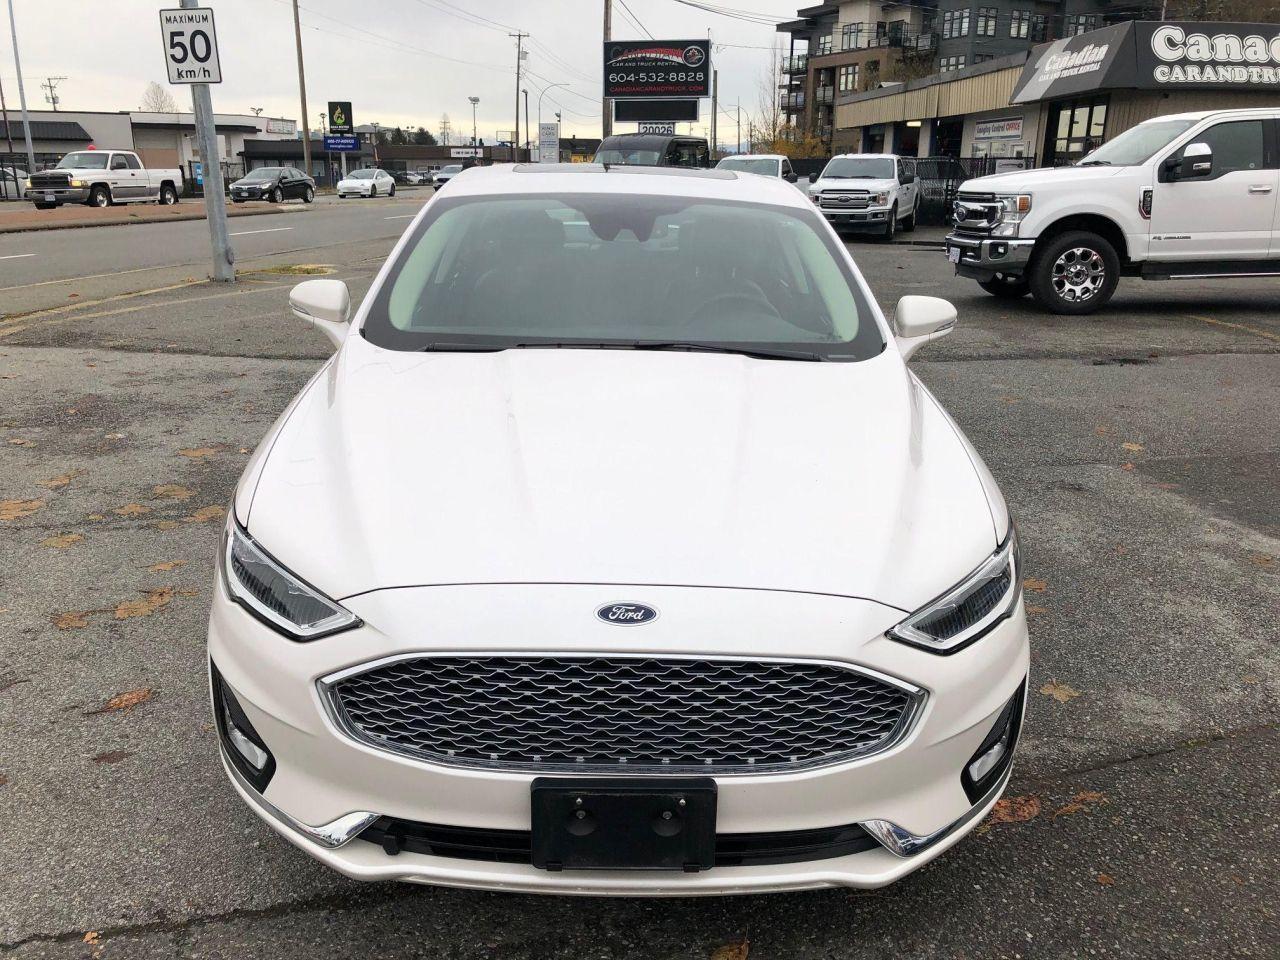 2019 Ford Fusion Hybrid